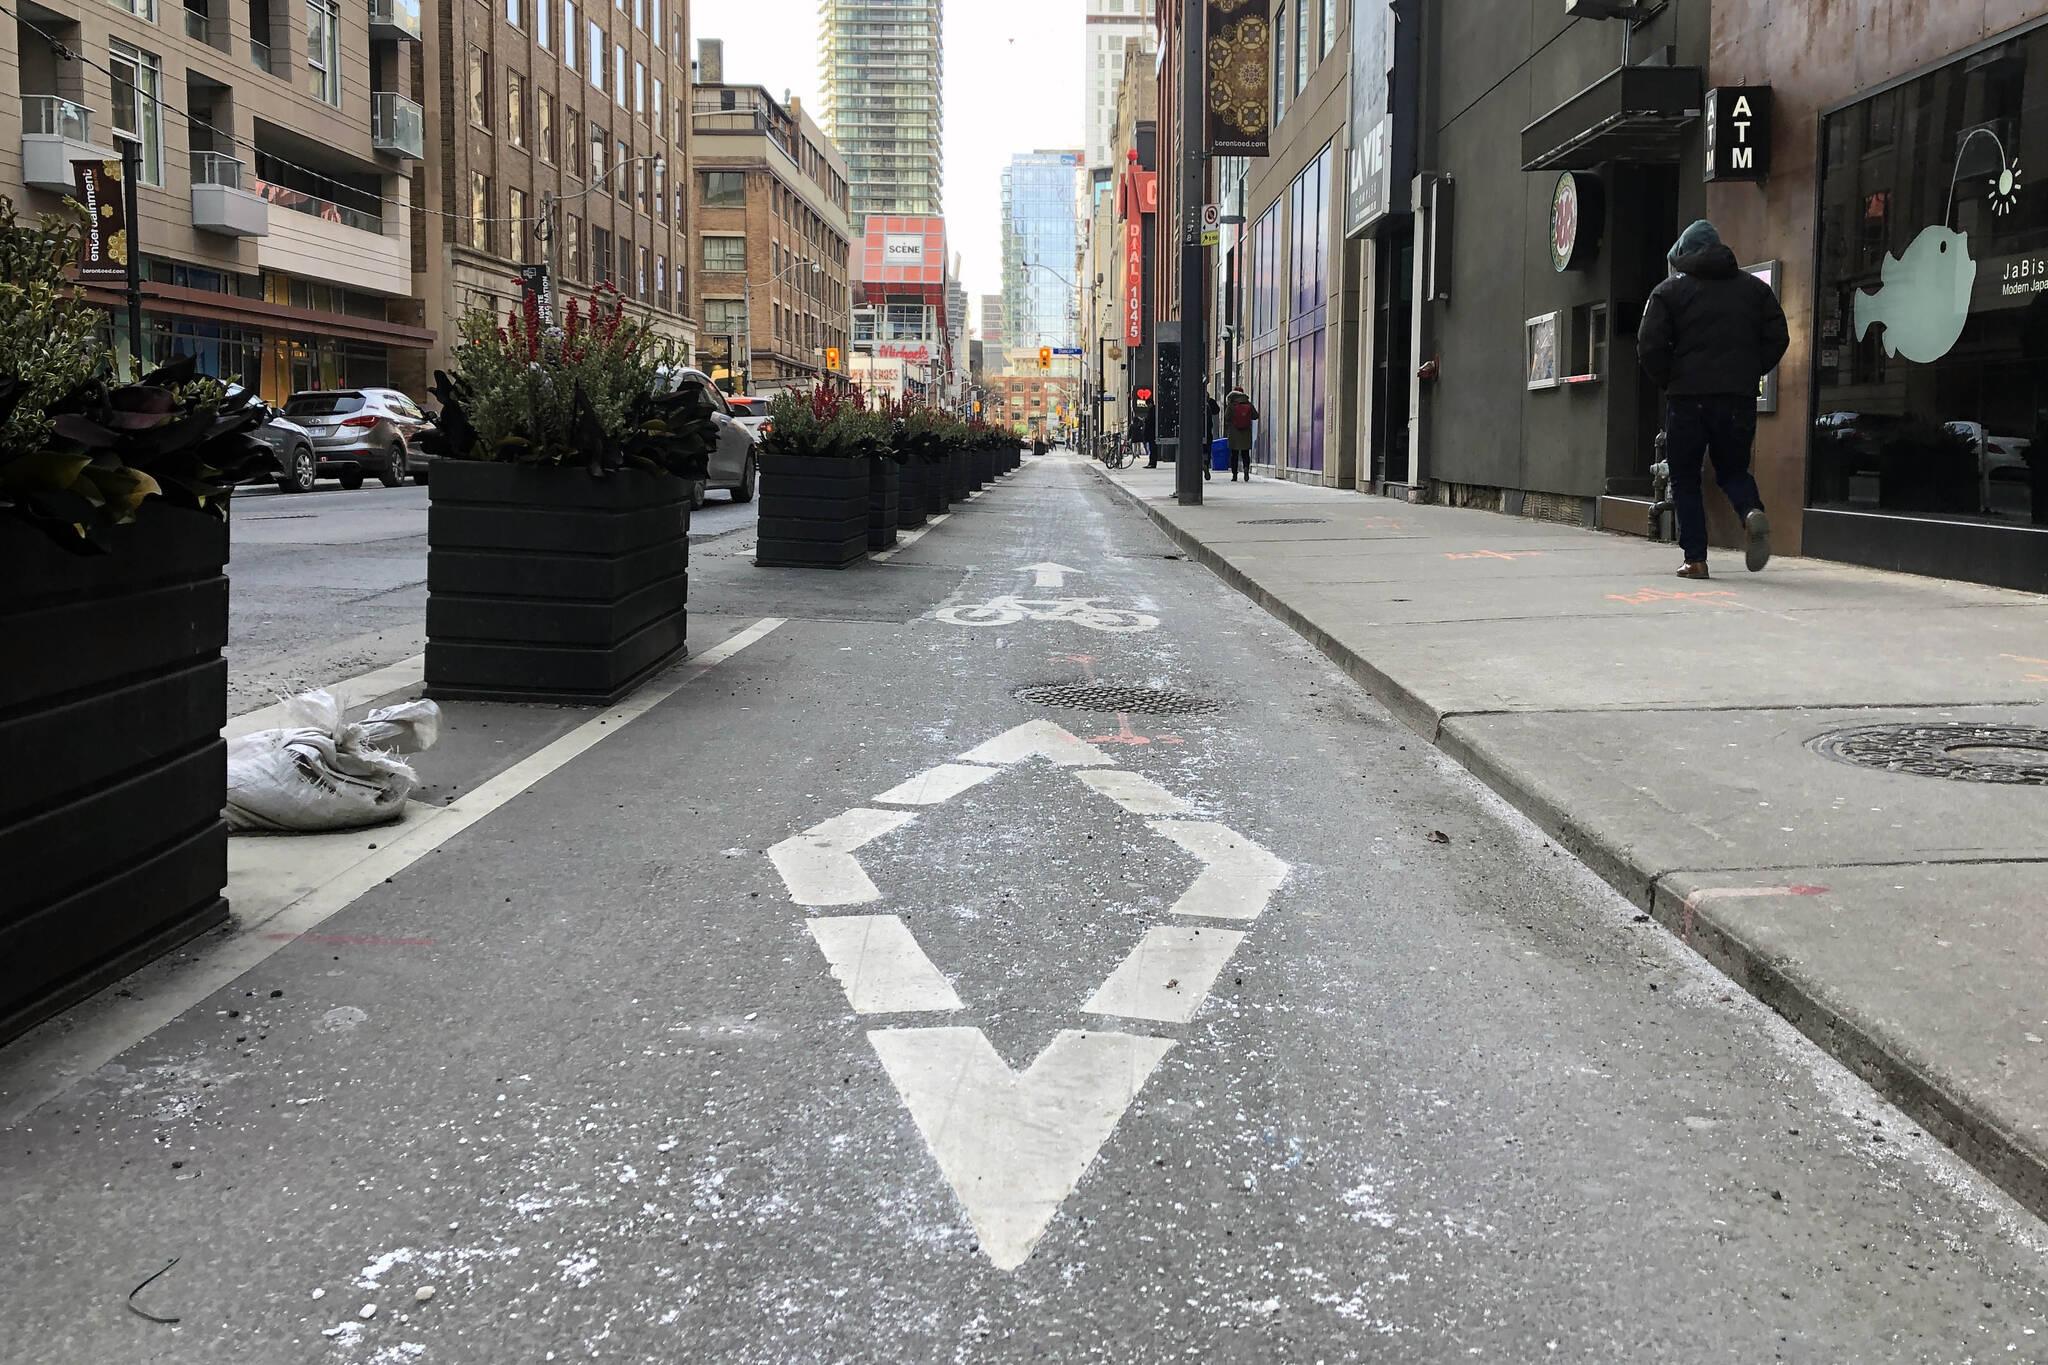 richmond adelaide bike lanes